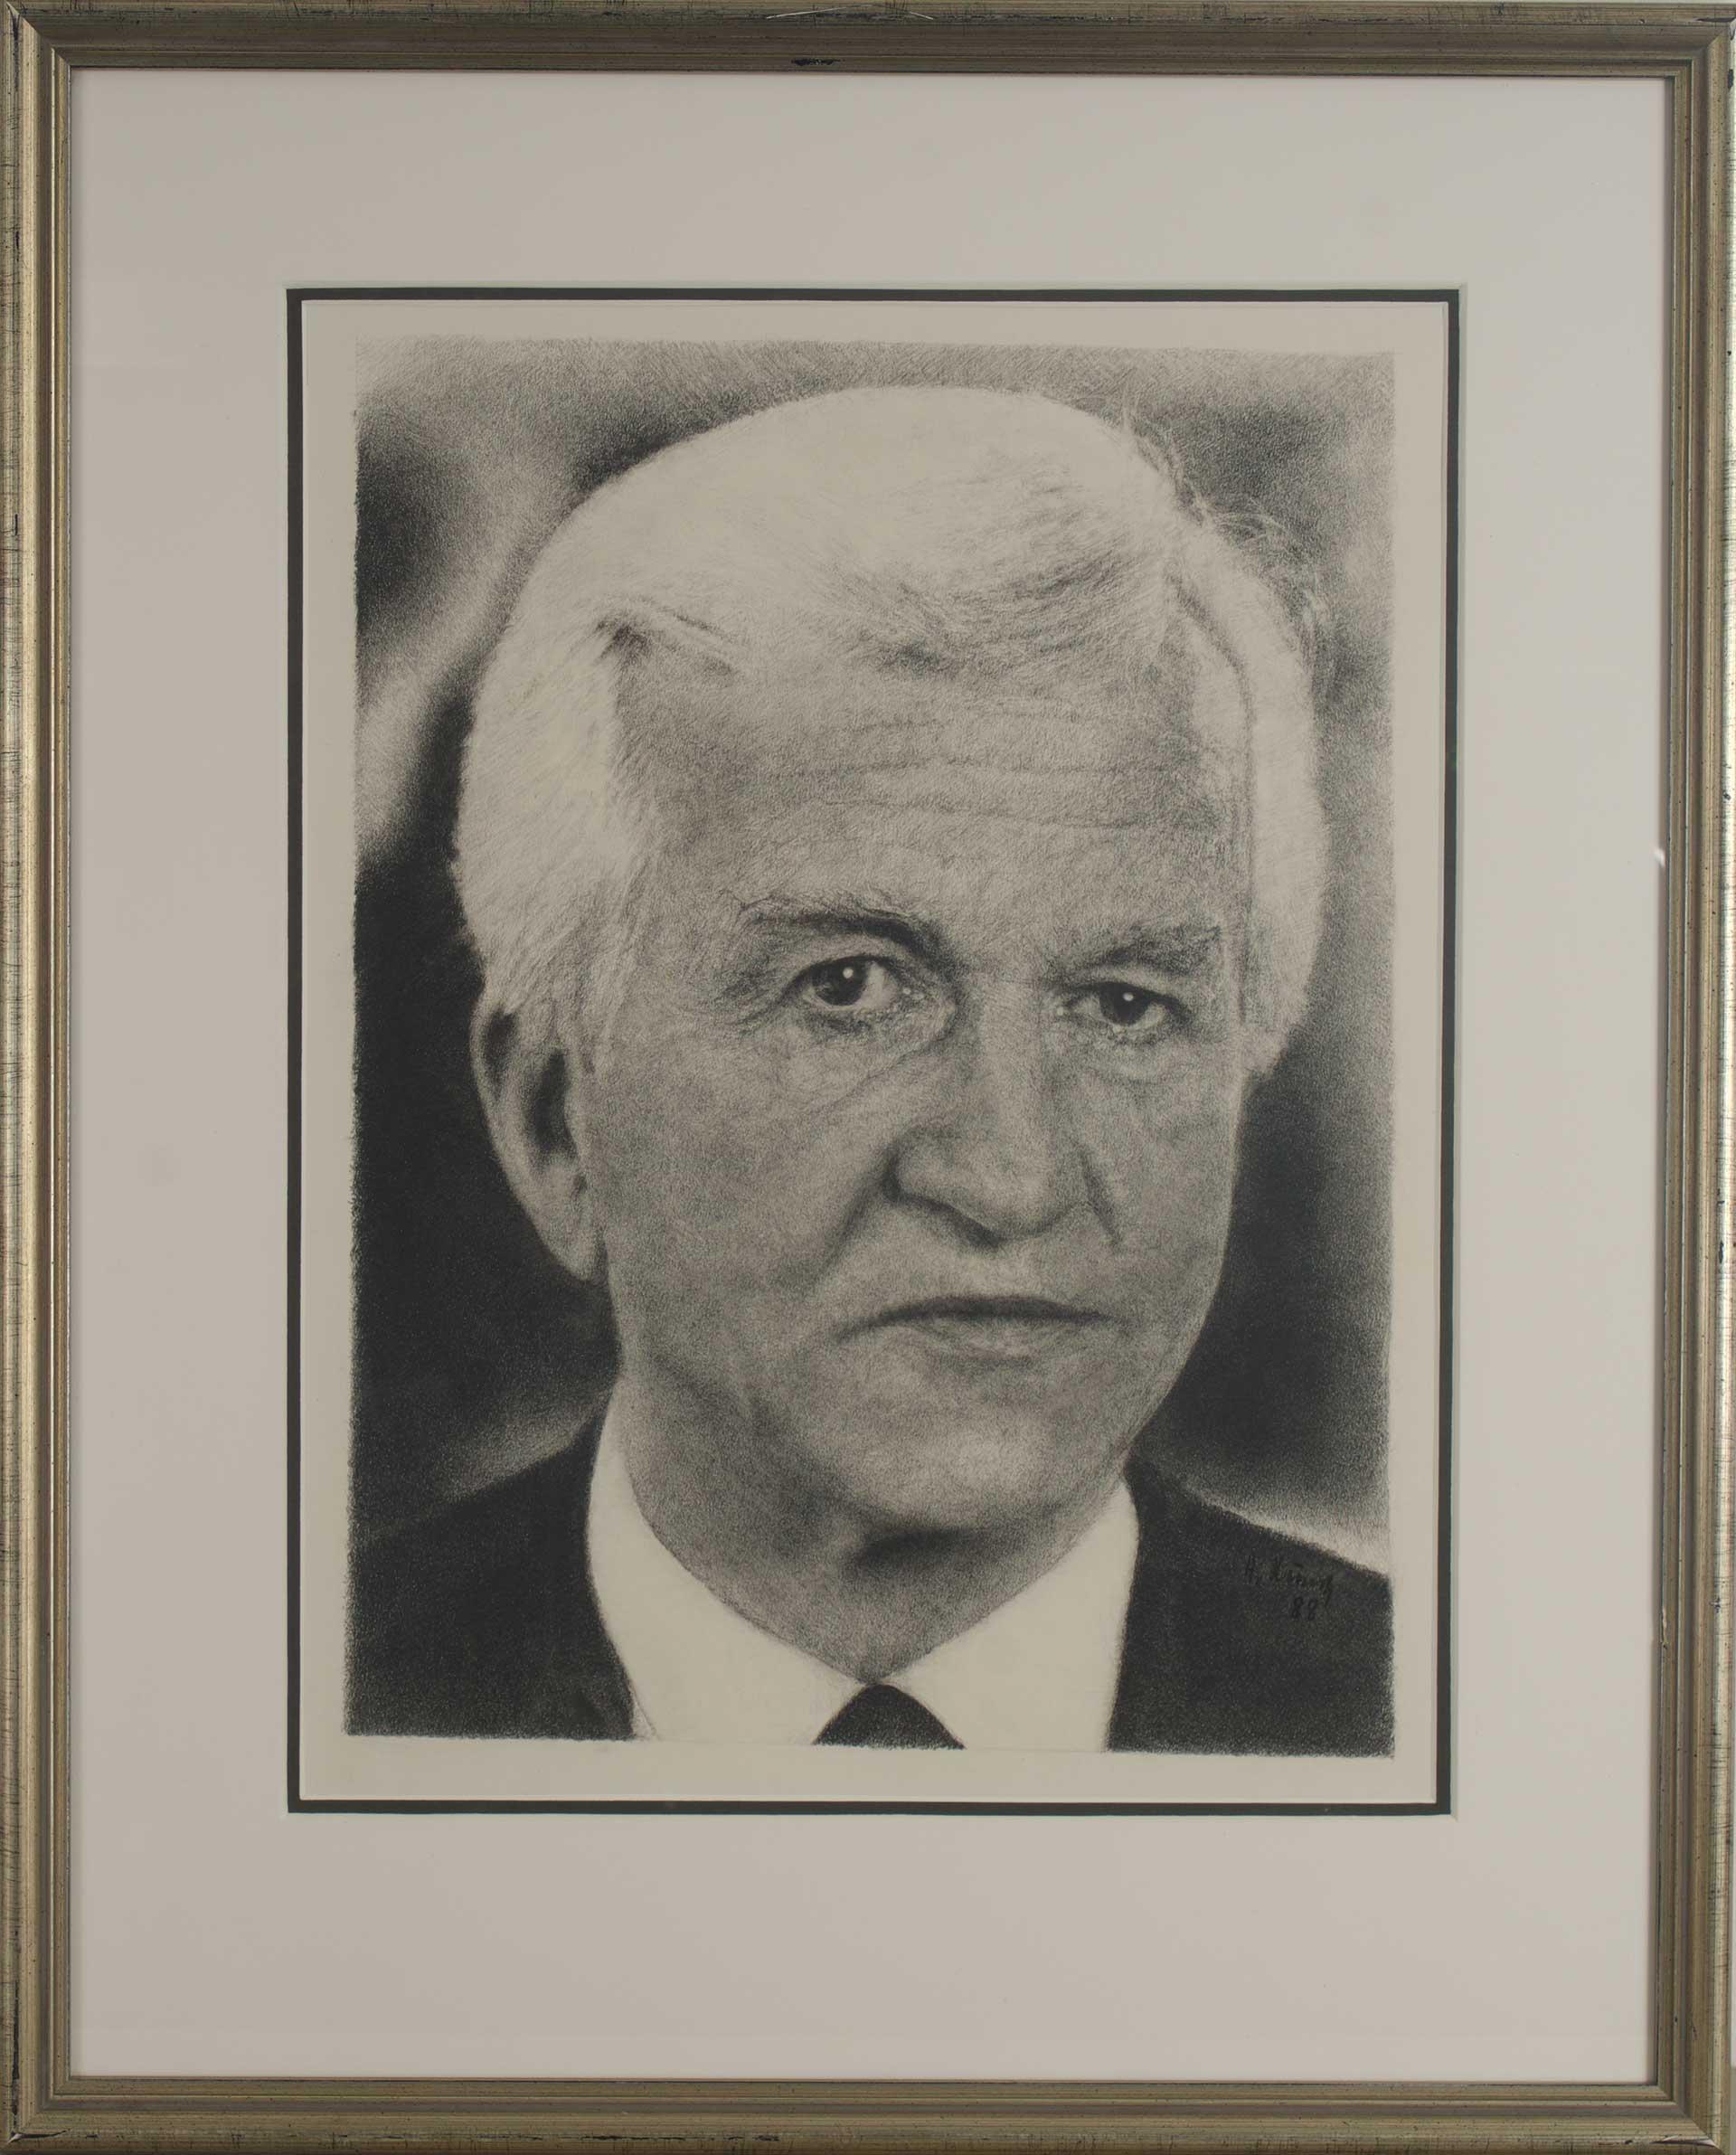 Altbundespräsident Richard von Weizsäcker